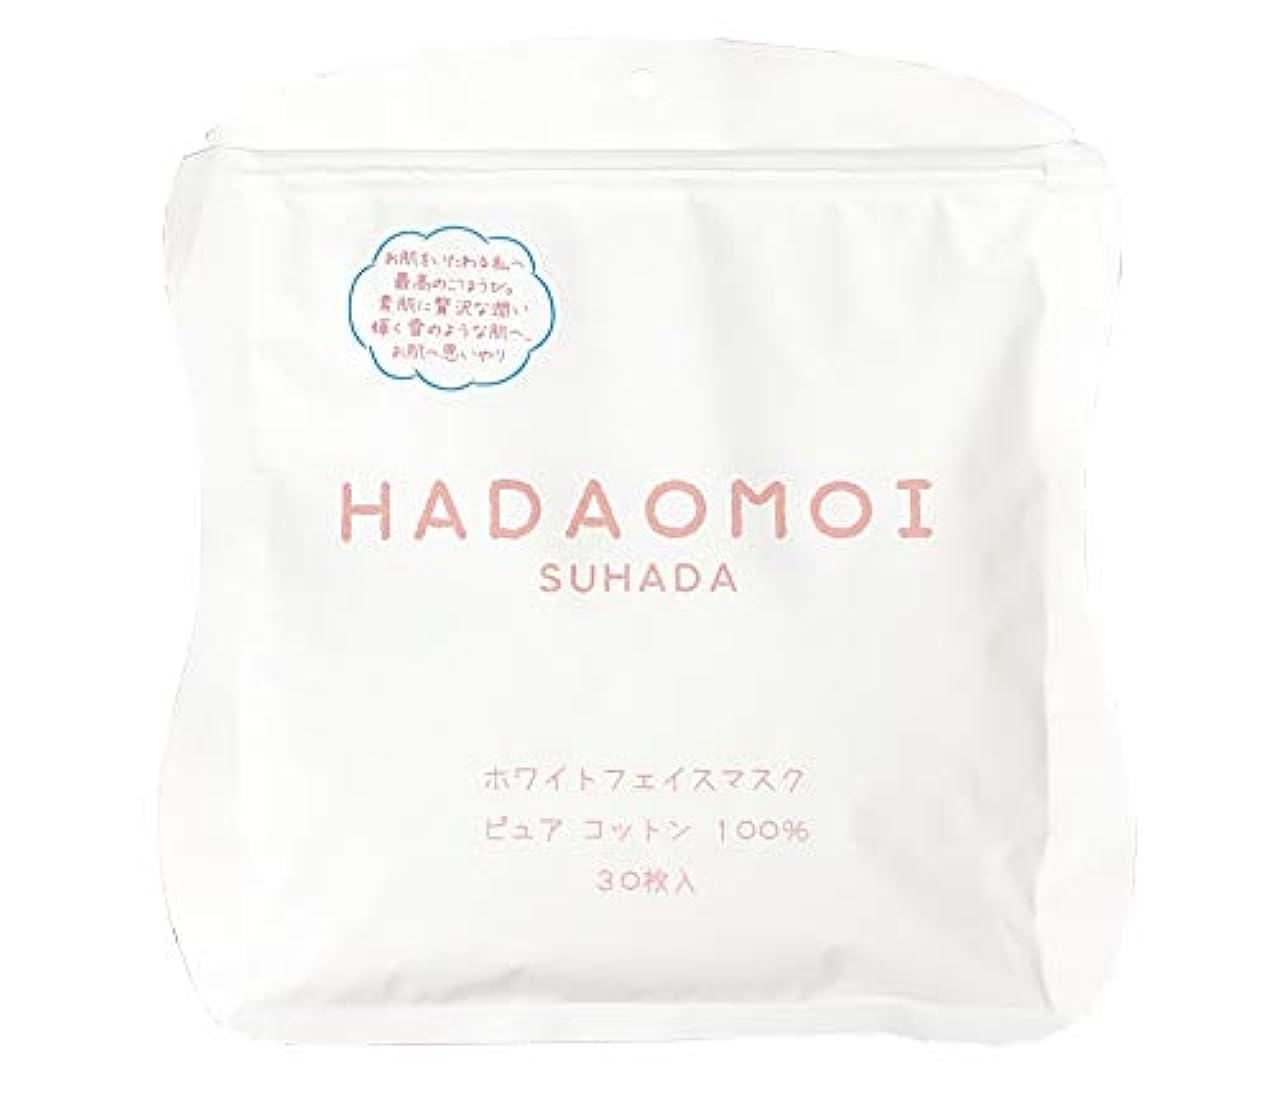 ストラトフォードオンエイボンクラブ宿題HADAOMOI(ハダオモイ) ホワイトフェイスマスク 30枚入